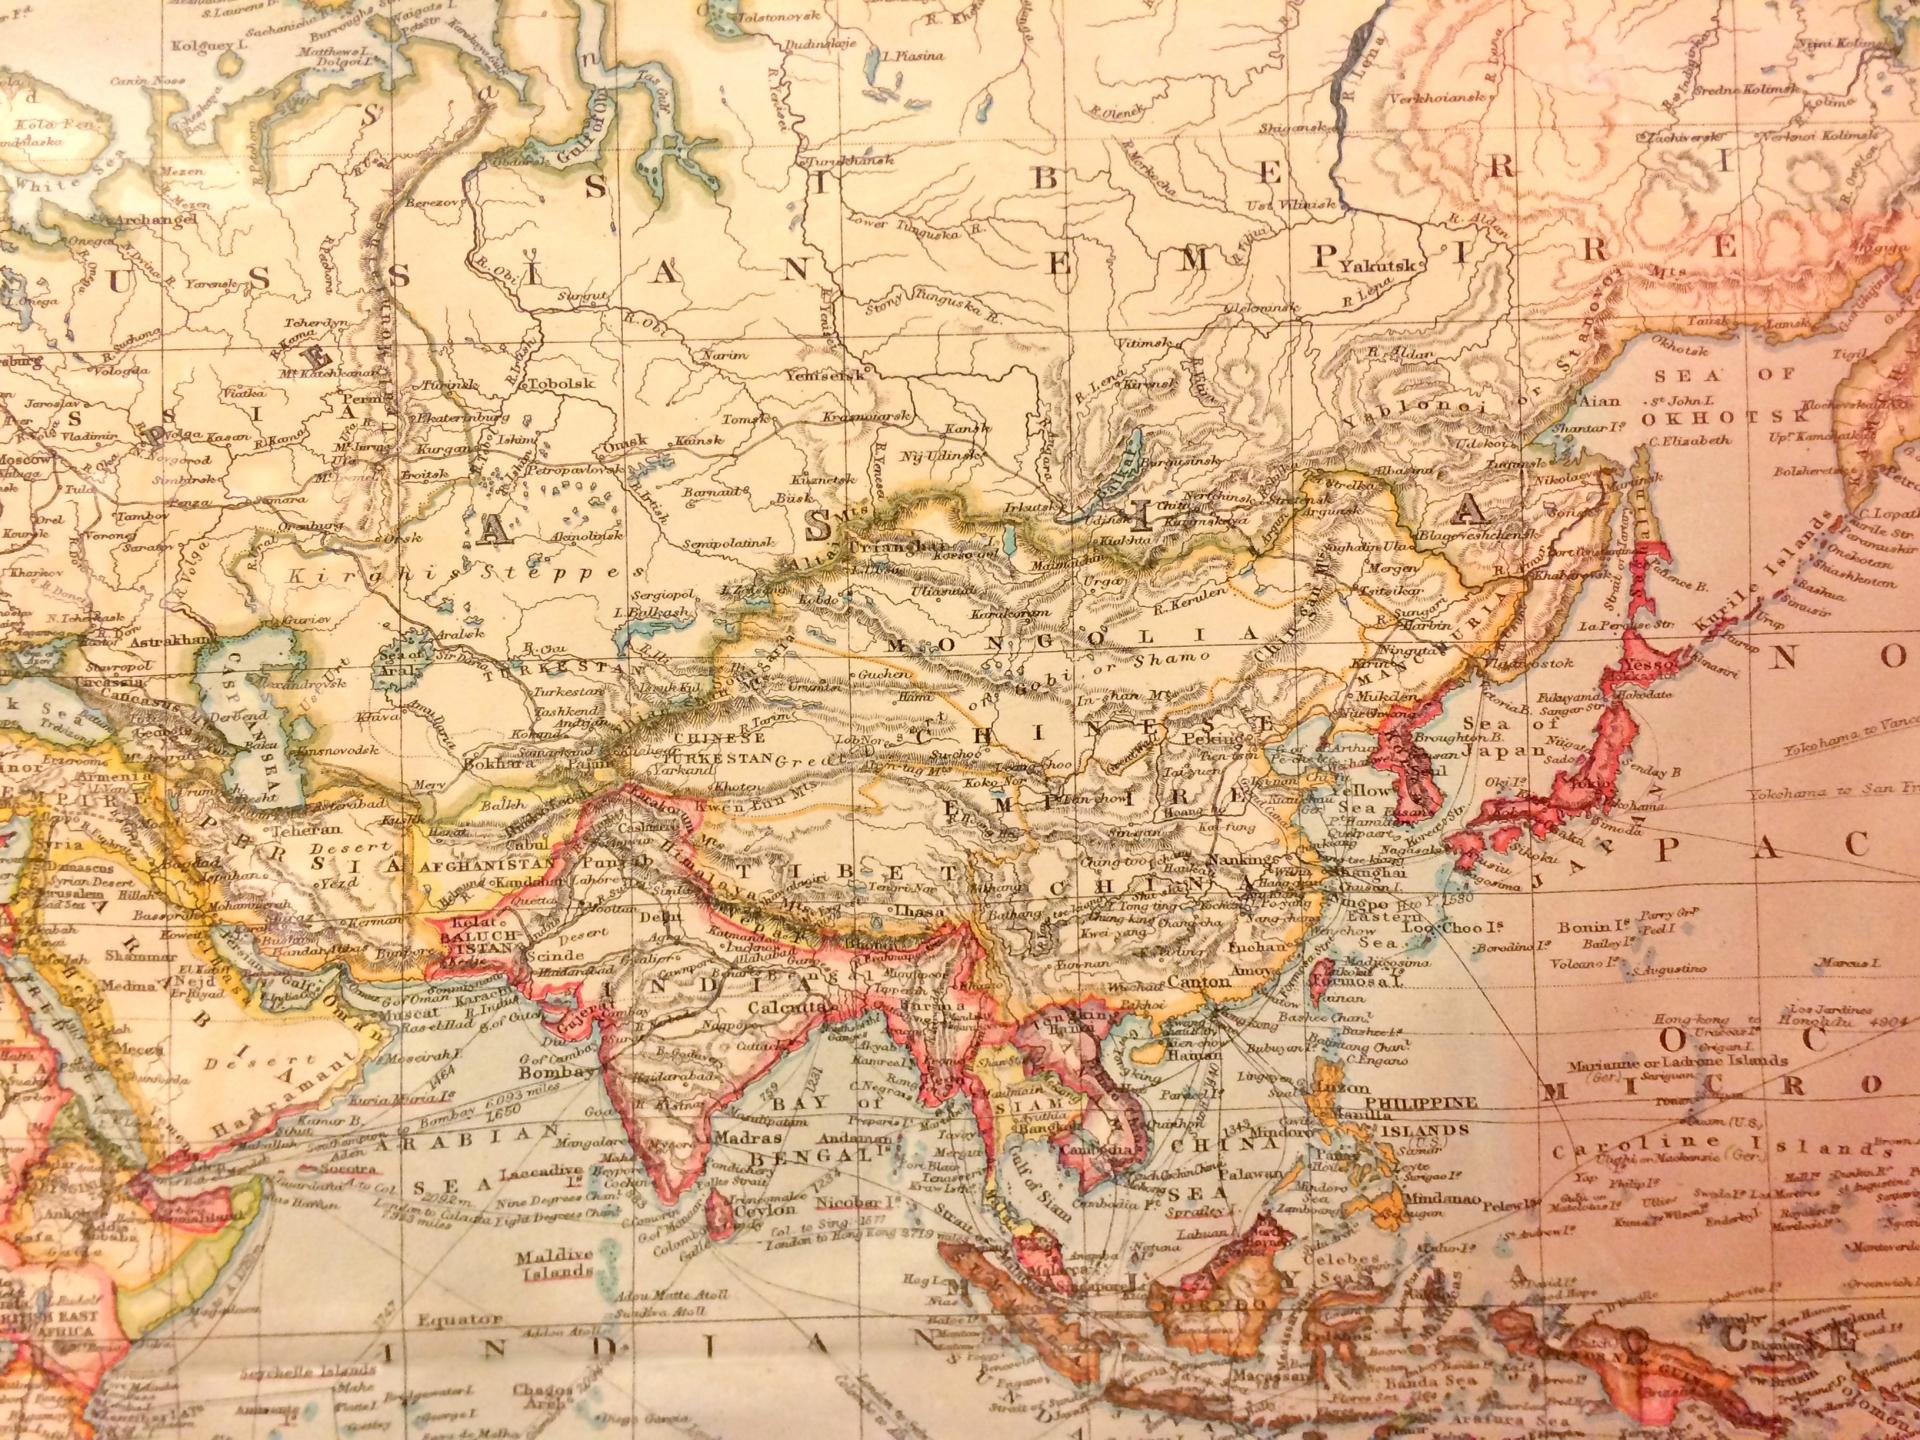 カタカムナ文明とは謎多き12000年前の六甲山の巨石文明